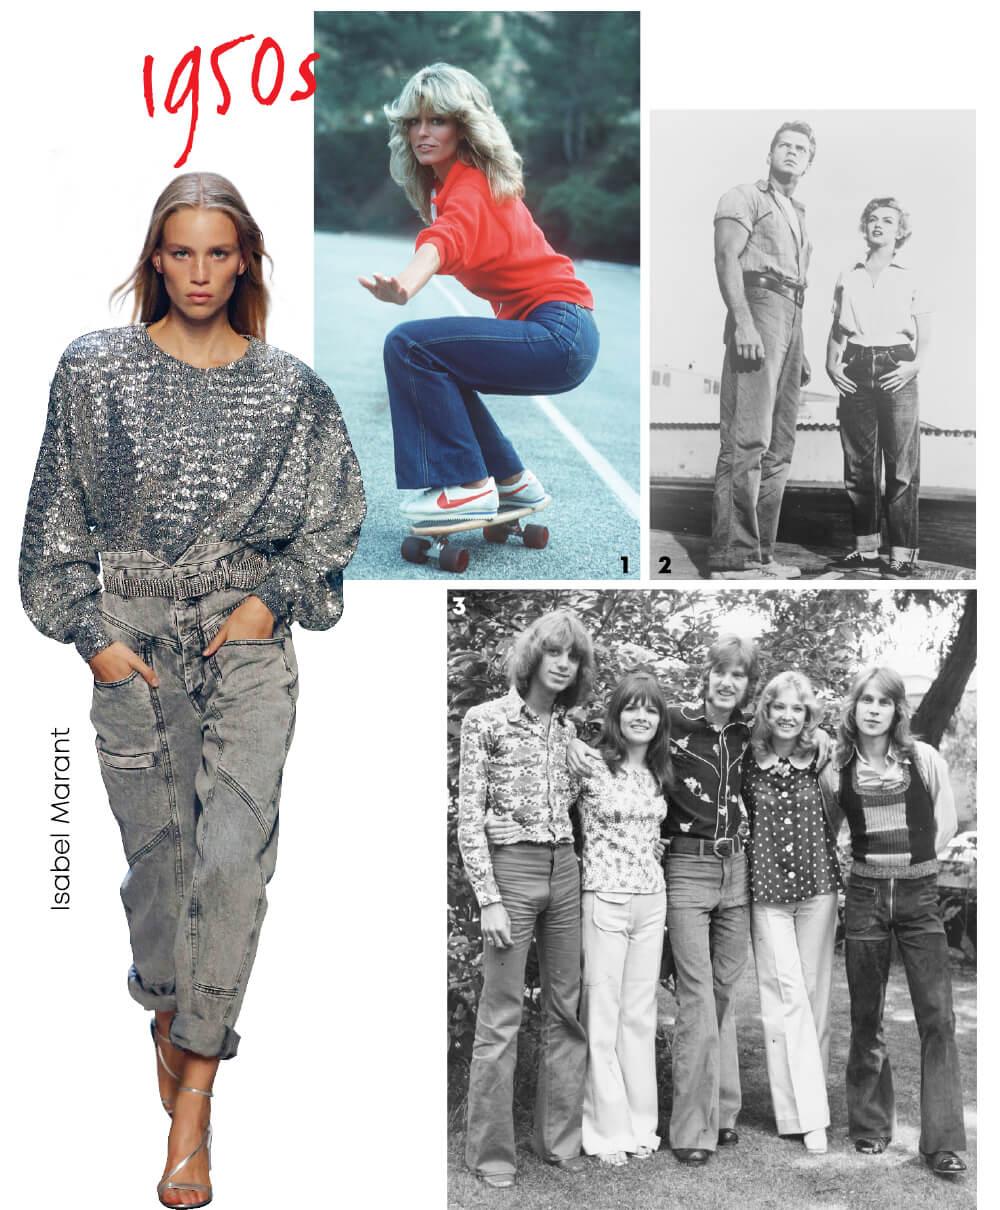 1 1976년 영화 에서의 파라 포셋.2 영화 에서 쿨한 데님 룩을 선보인 메릴린 먼로.3 1970년대를 대표하는 히피 룩.